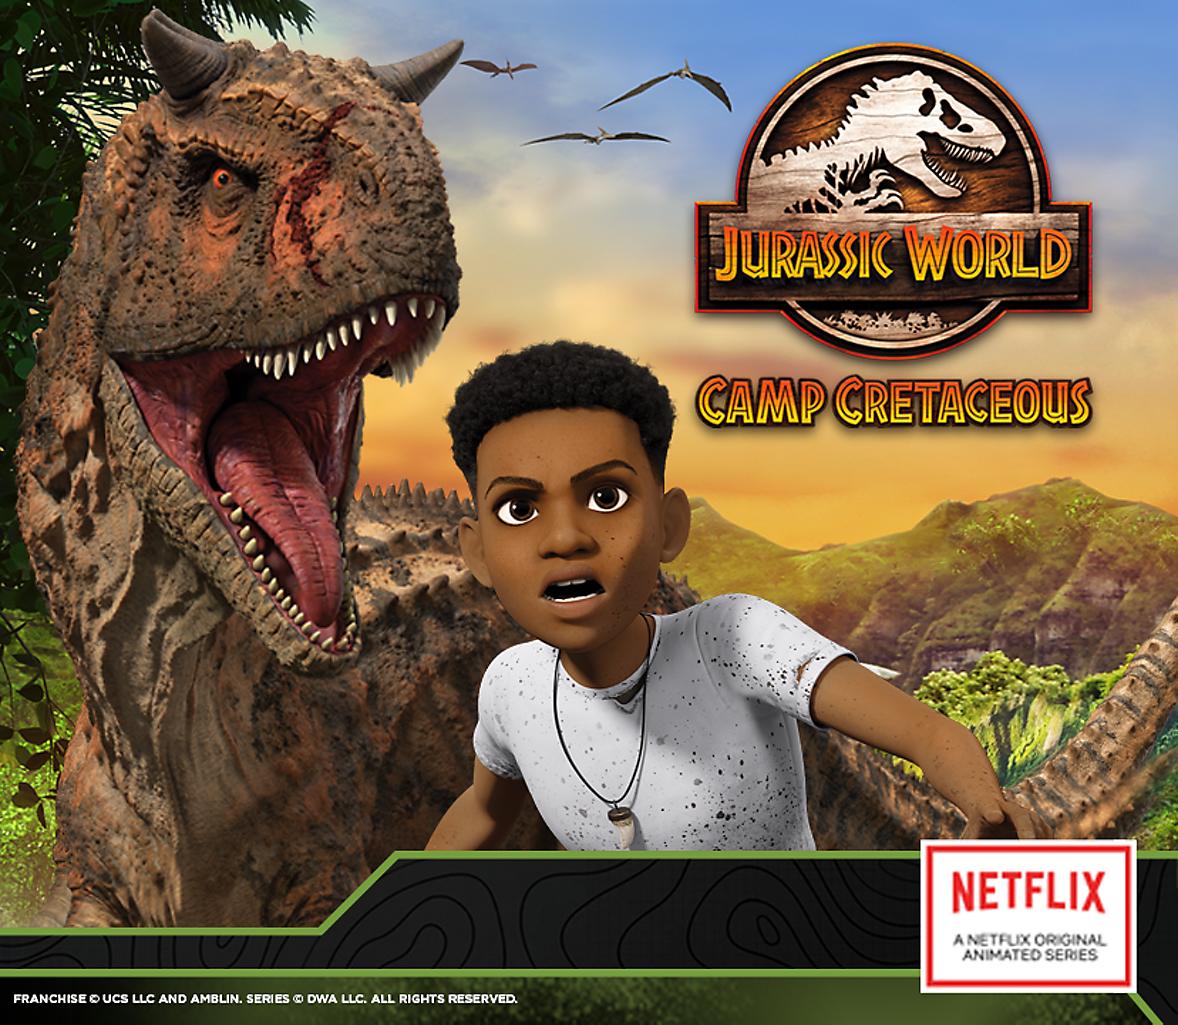 Jurassic World at Big W